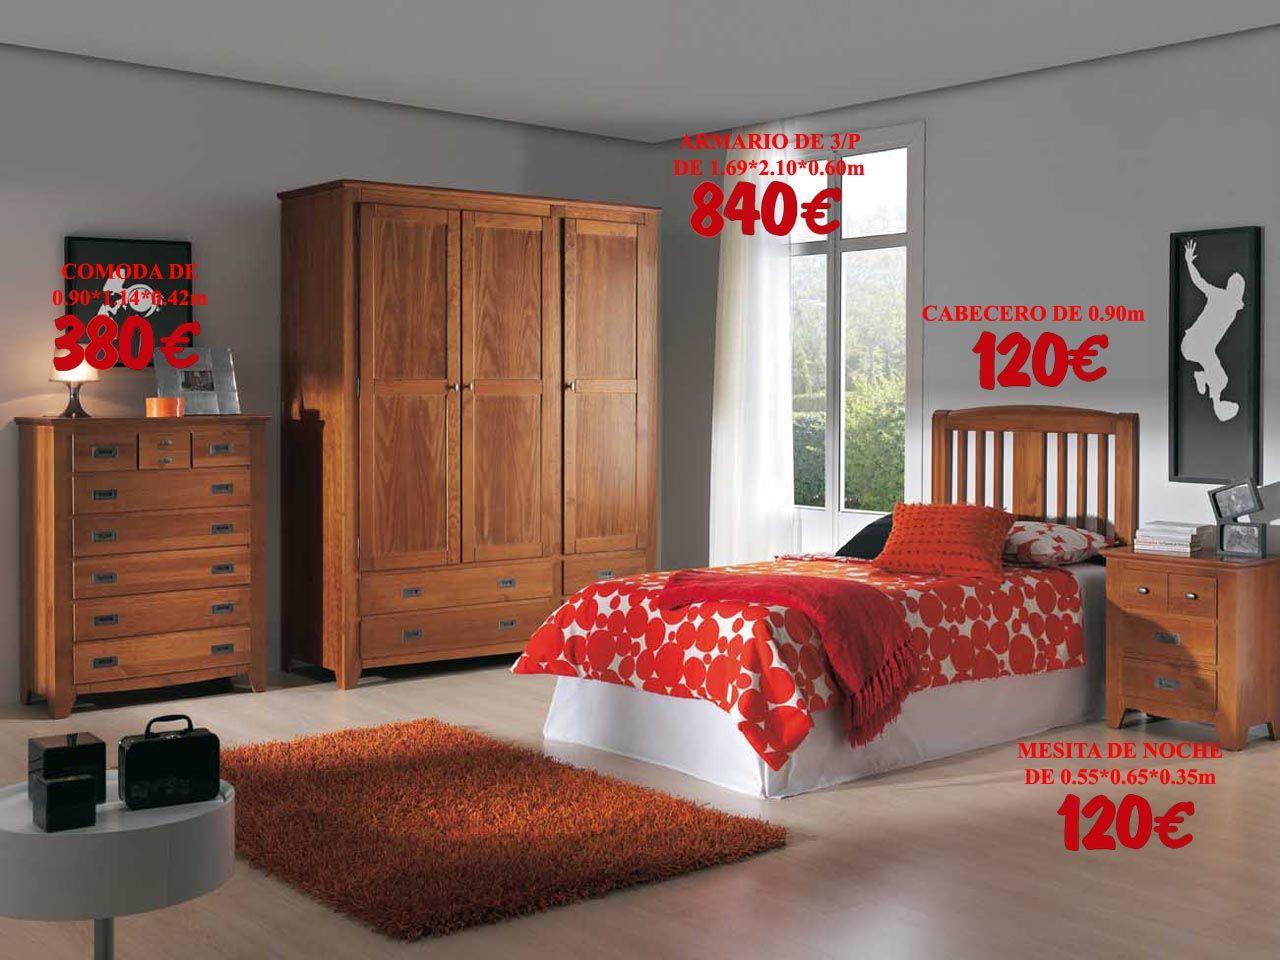 Muebles de pino macizo colonial muebles amate muebles amate almer a ideas vintage para el - Dormitorios juveniles almeria ...